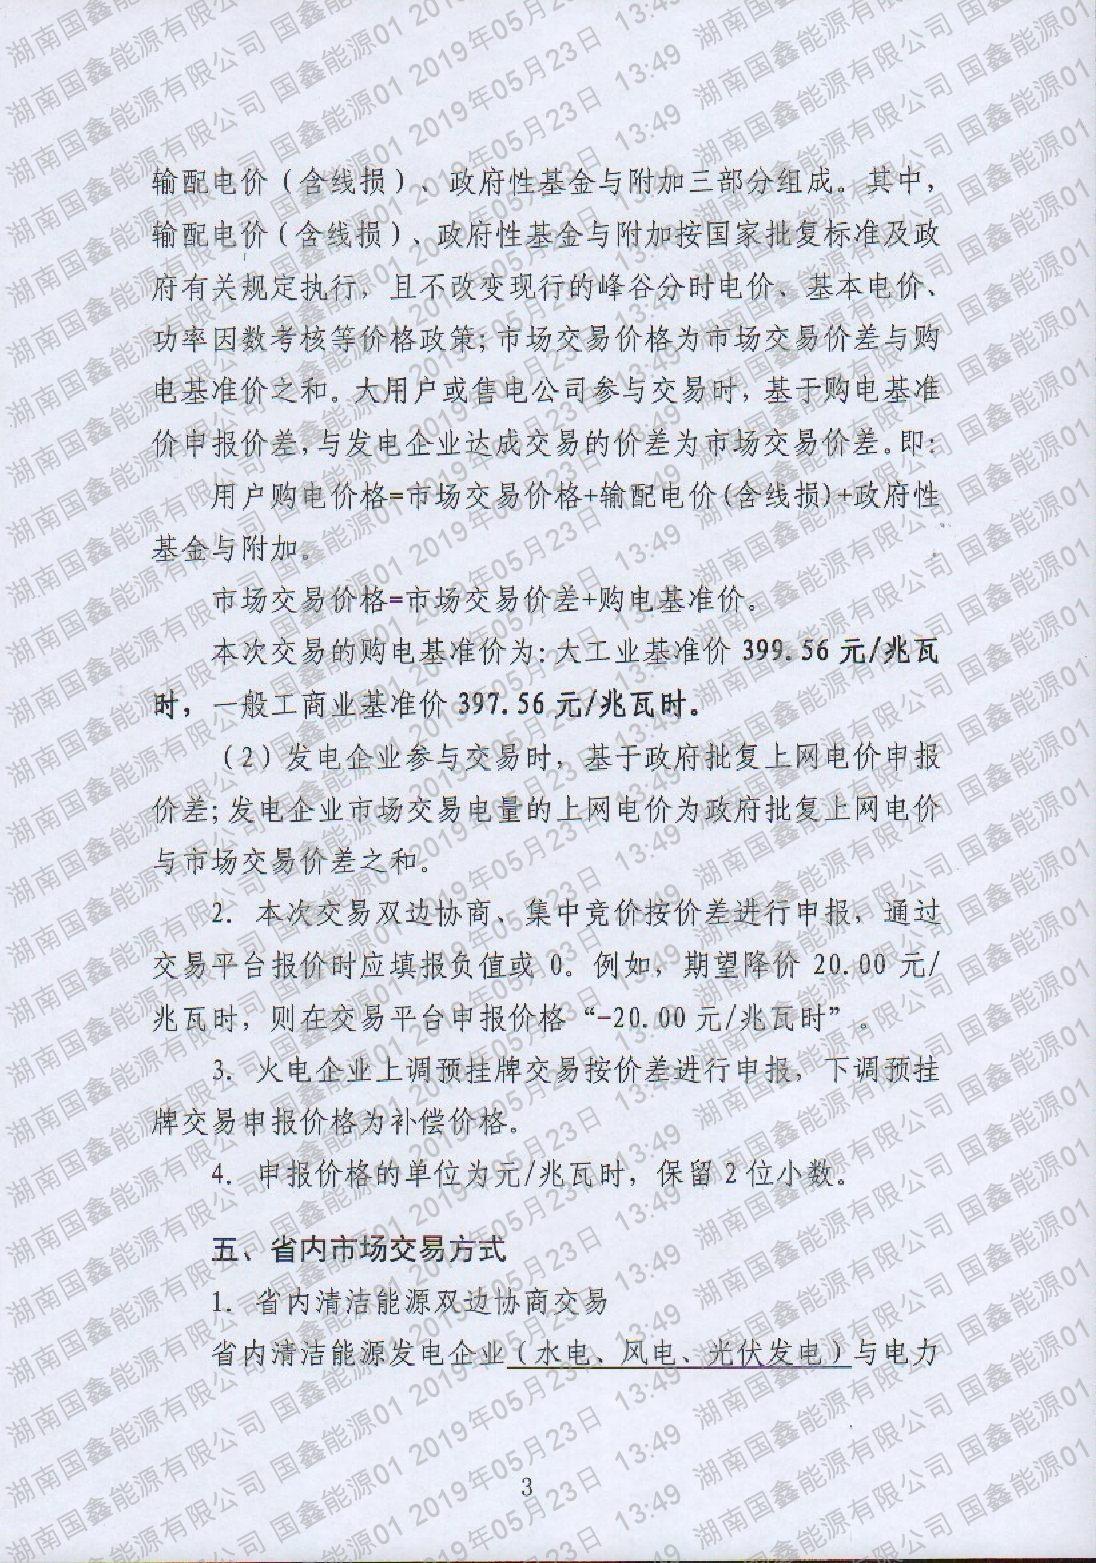 湖南電力交易中心有限公司關于2019年4月電力市場交易的公告.pdf_page_03_compressed.jpg